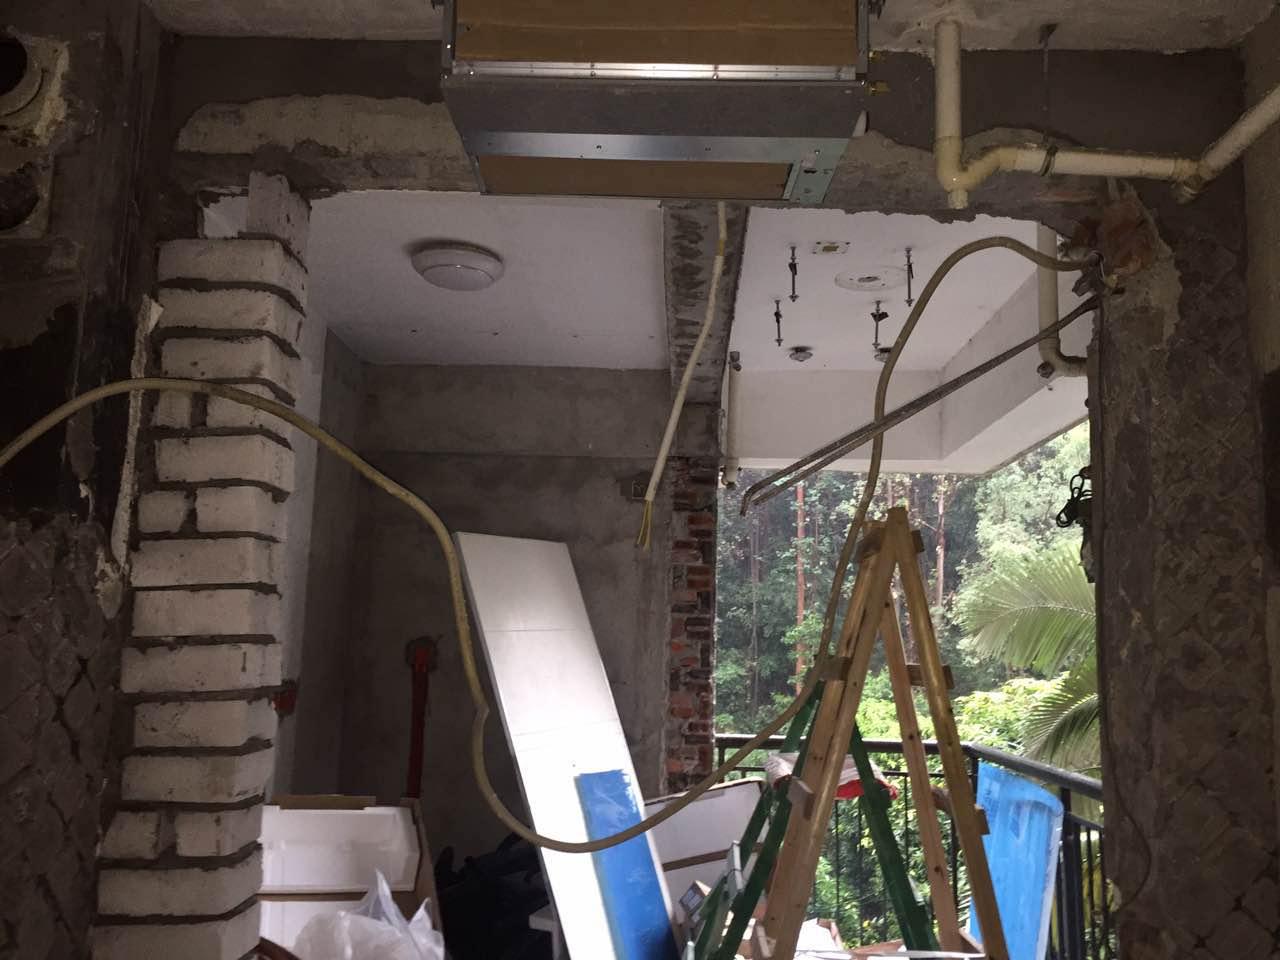 珠海房屋安全检测鉴定房屋质量检测鉴定所